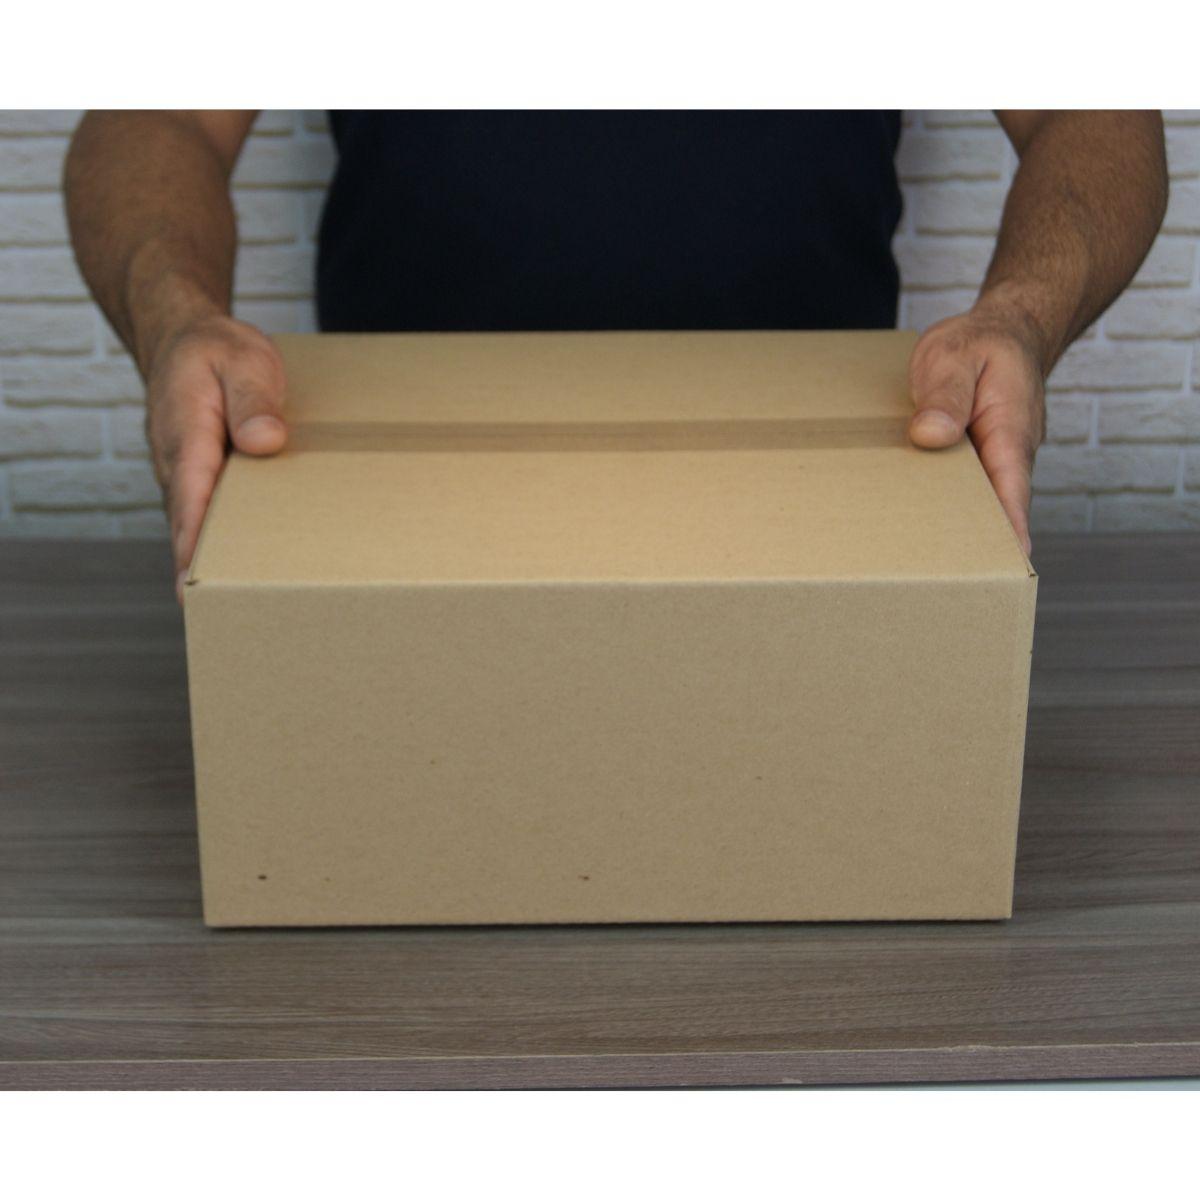 50 Caixas de Papelao (35X35X16)cm - Sedex / Pac / Correios